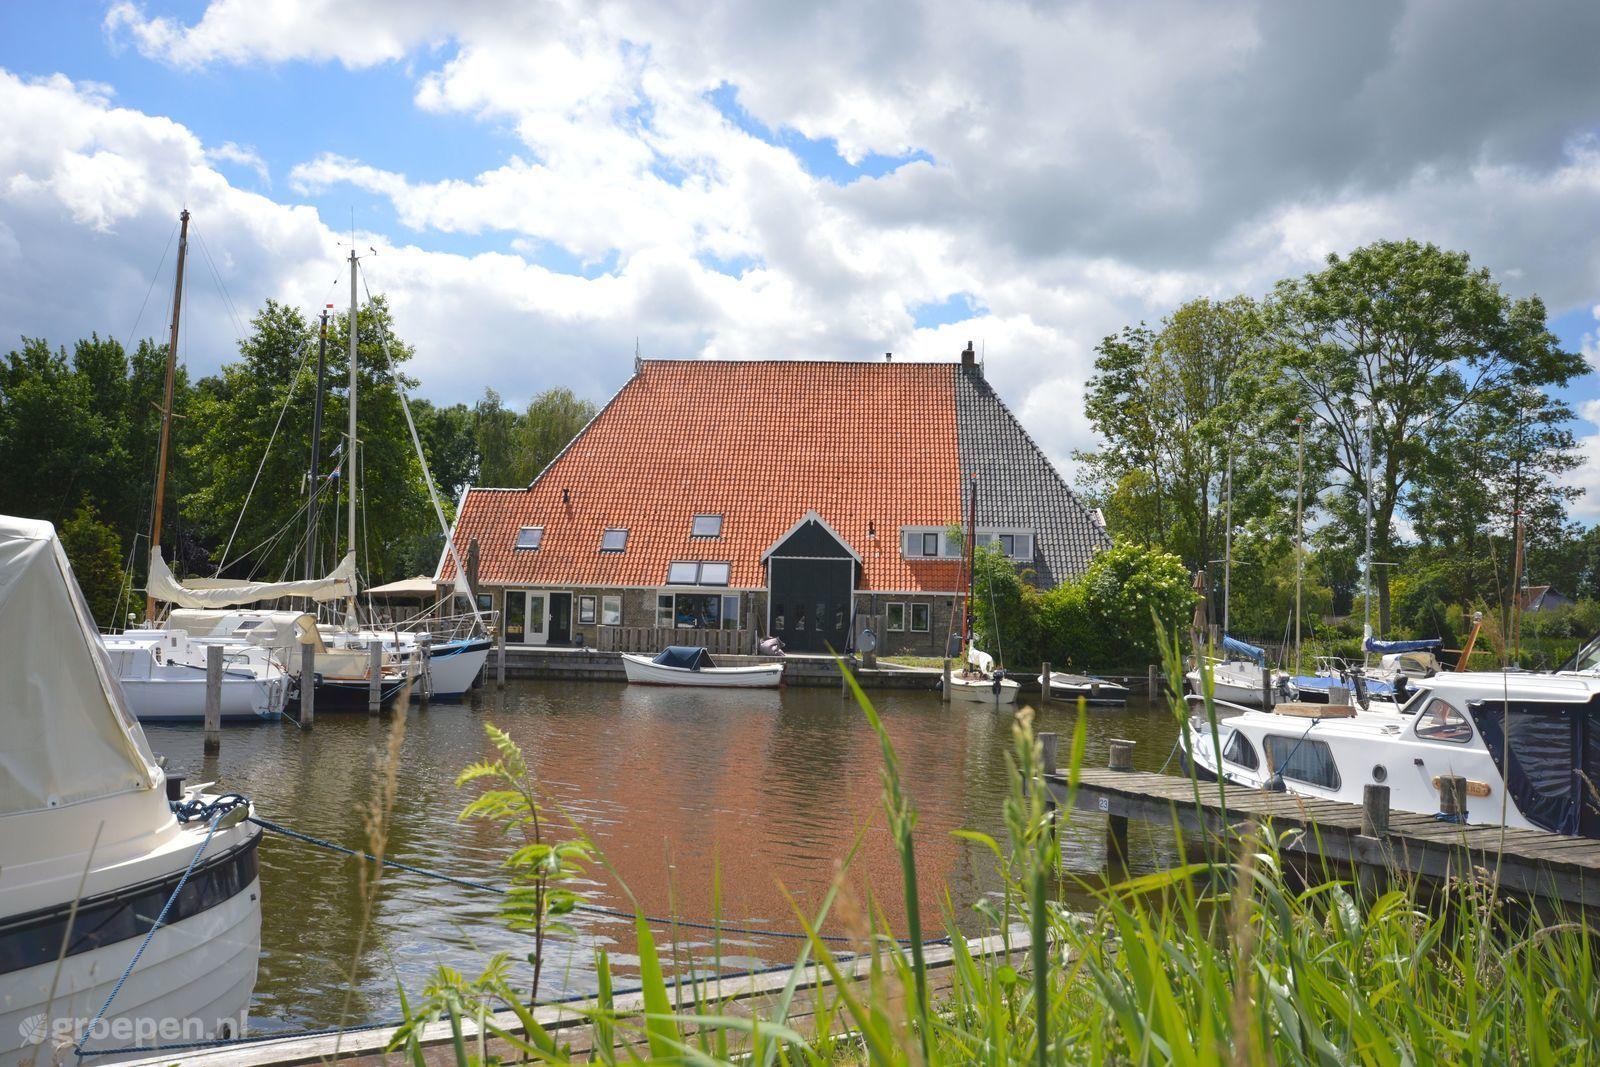 Groepsaccommodatie Boornzwaag - 18 personen - Nederland - Friesland - Boornzwaag